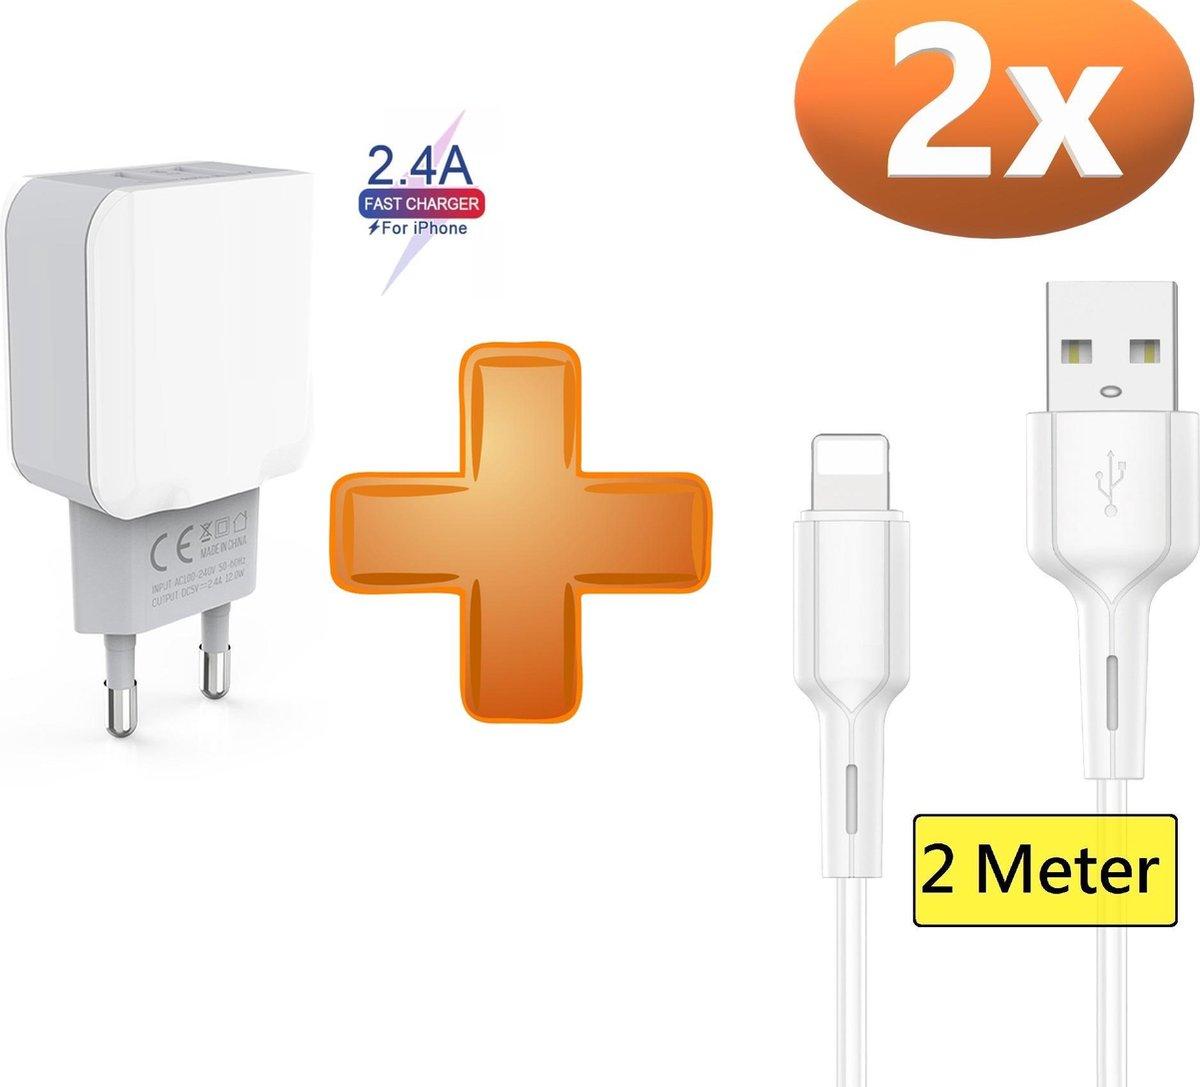 iPhone oplader kabel geschikt voor Apple iPhone 6,7,8,X,XS,XR,11,12,Mini,Pro Max- iPhone kabel - iPhone oplaadkabel - iPhone snoertje - iPhone lader